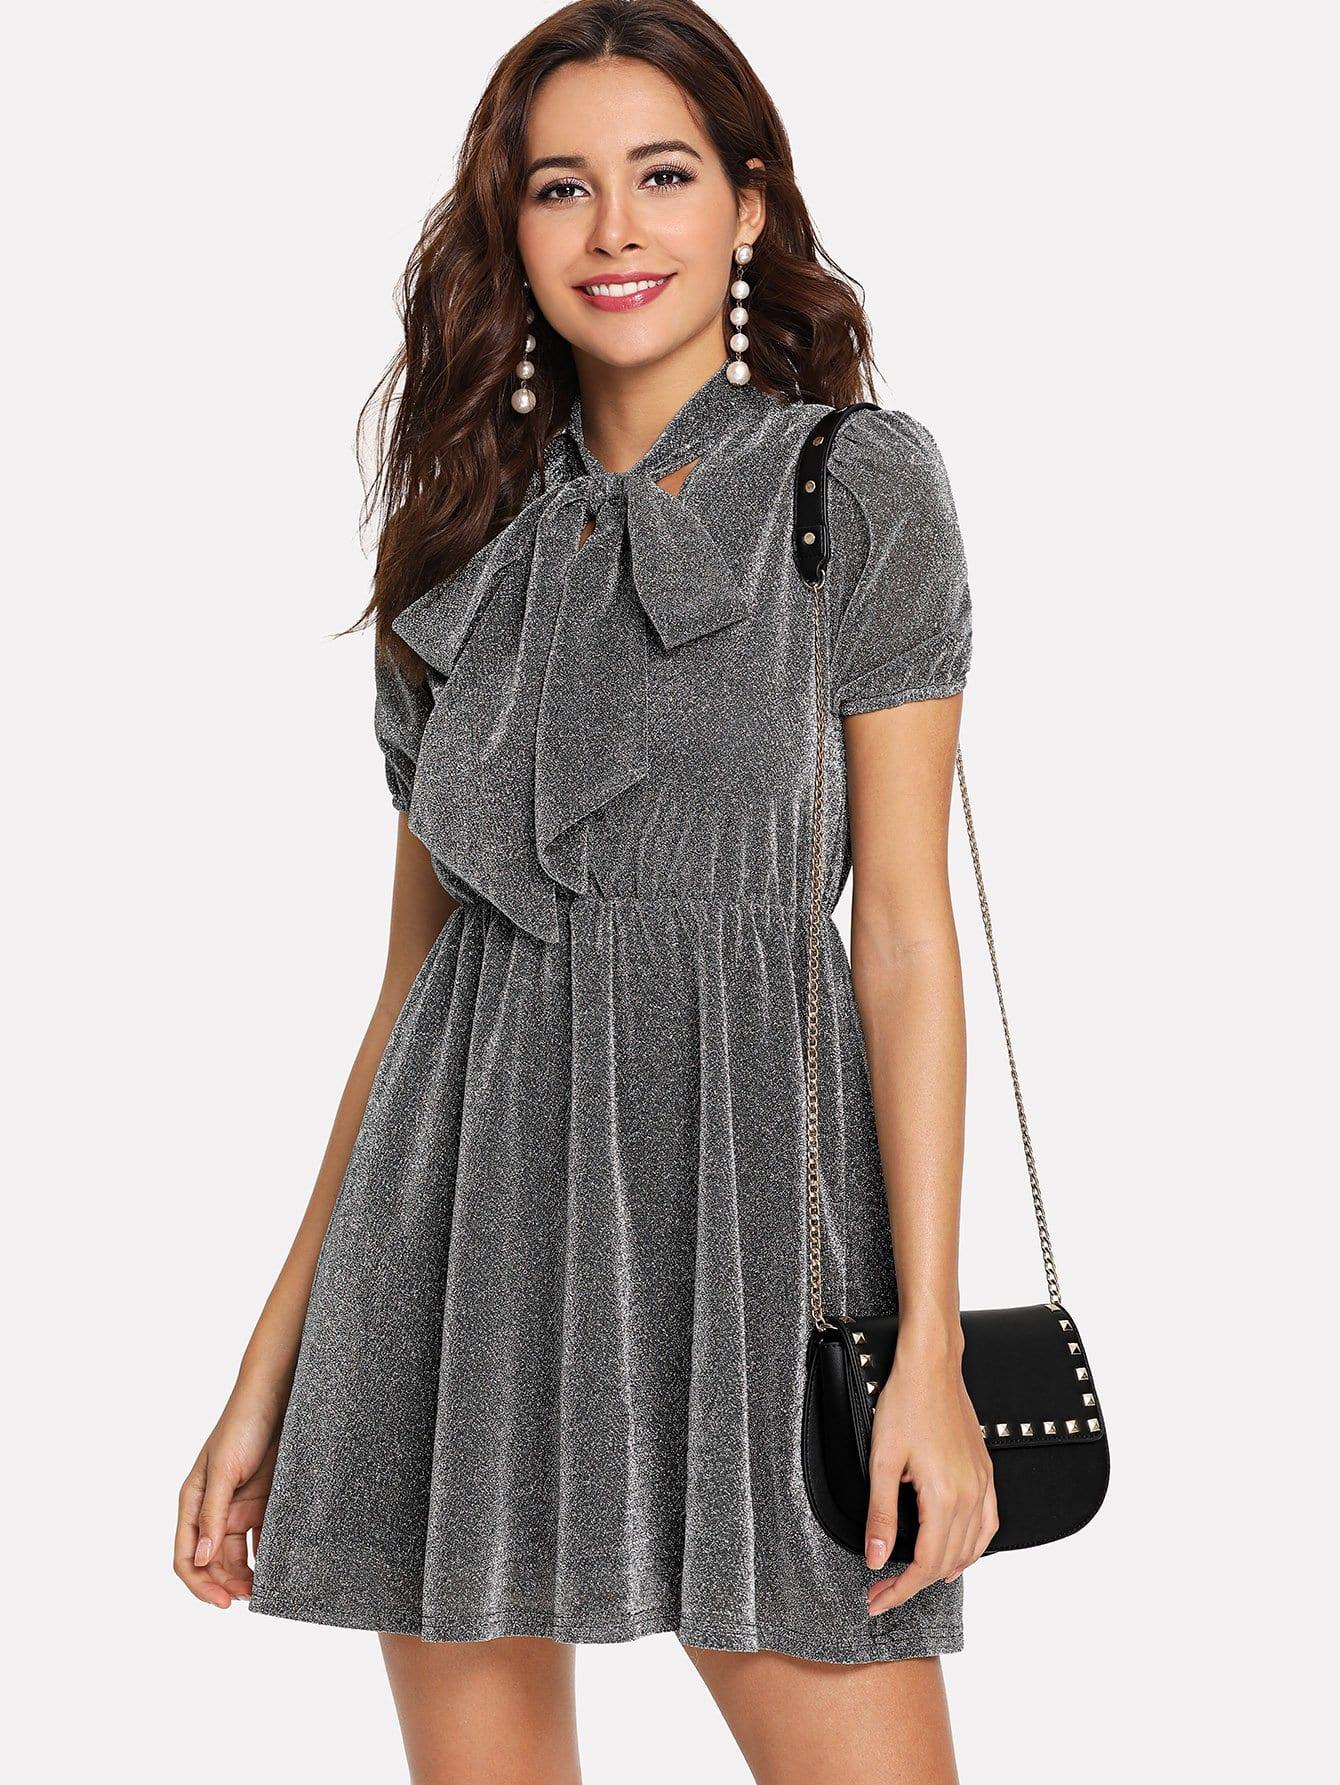 Tie Neck Elastic Waist Glitter Dress tie neck elastic waist glitter dress